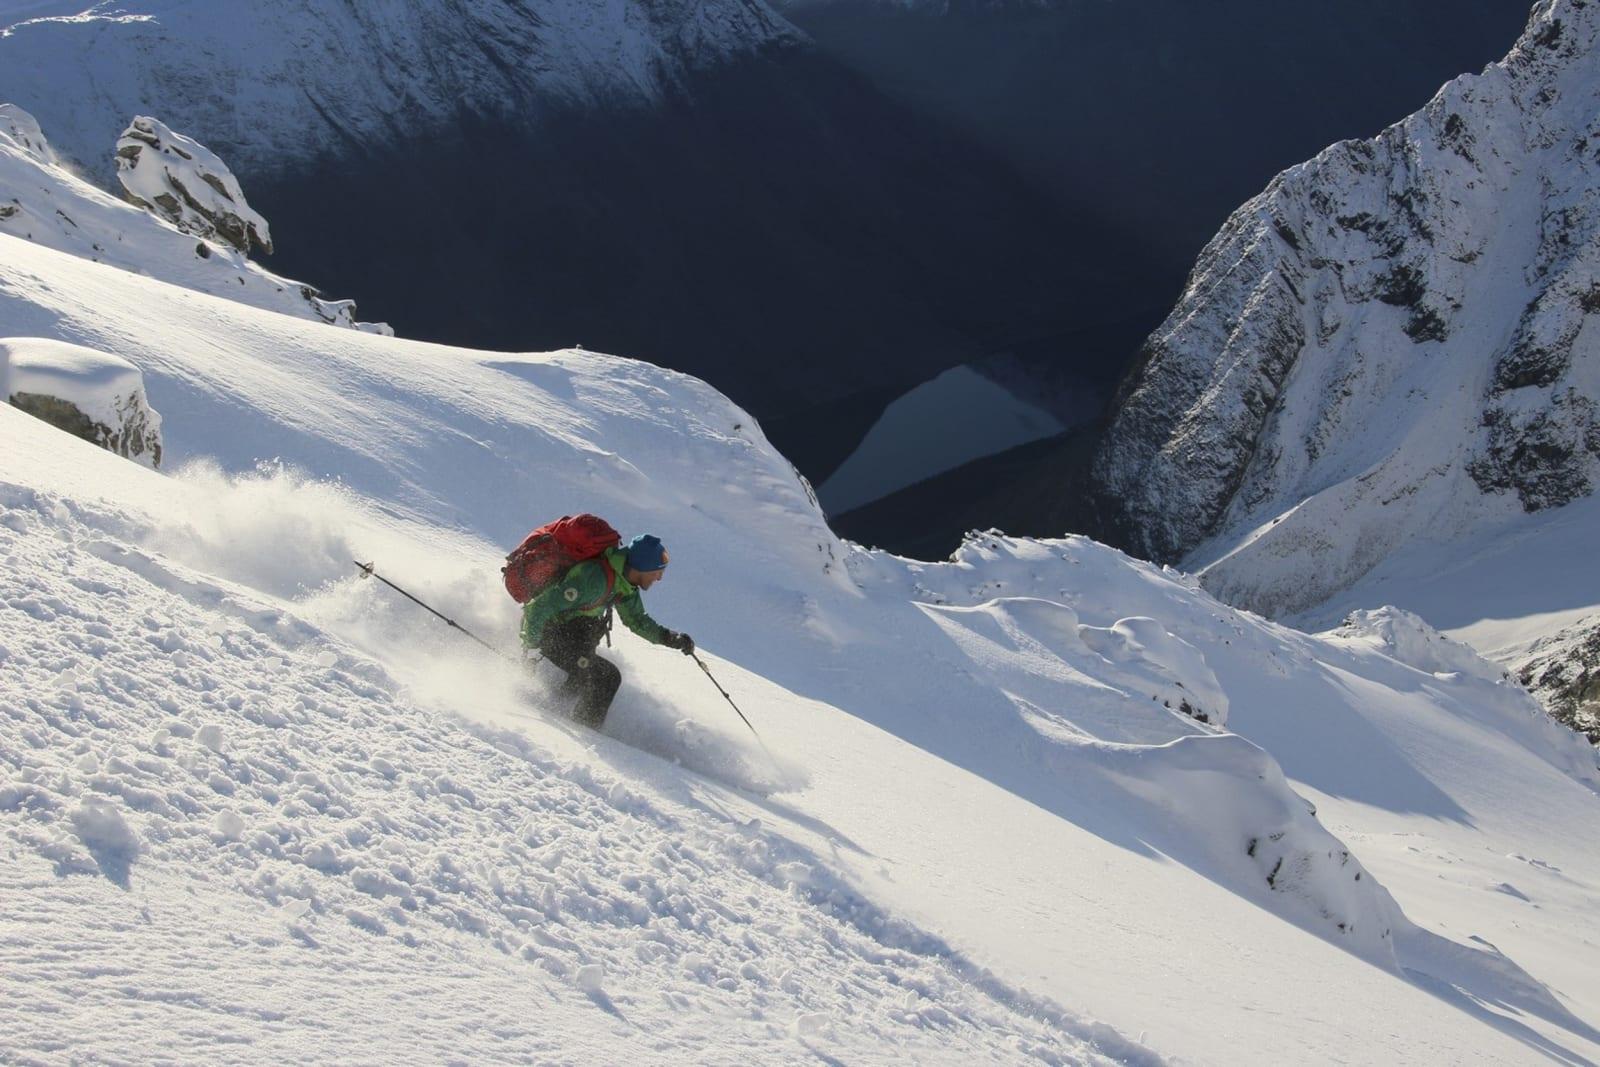 GLEDE: Espen leker seg ned fjellsidene på Store Kjostinden. Foto: Svein Mortensen